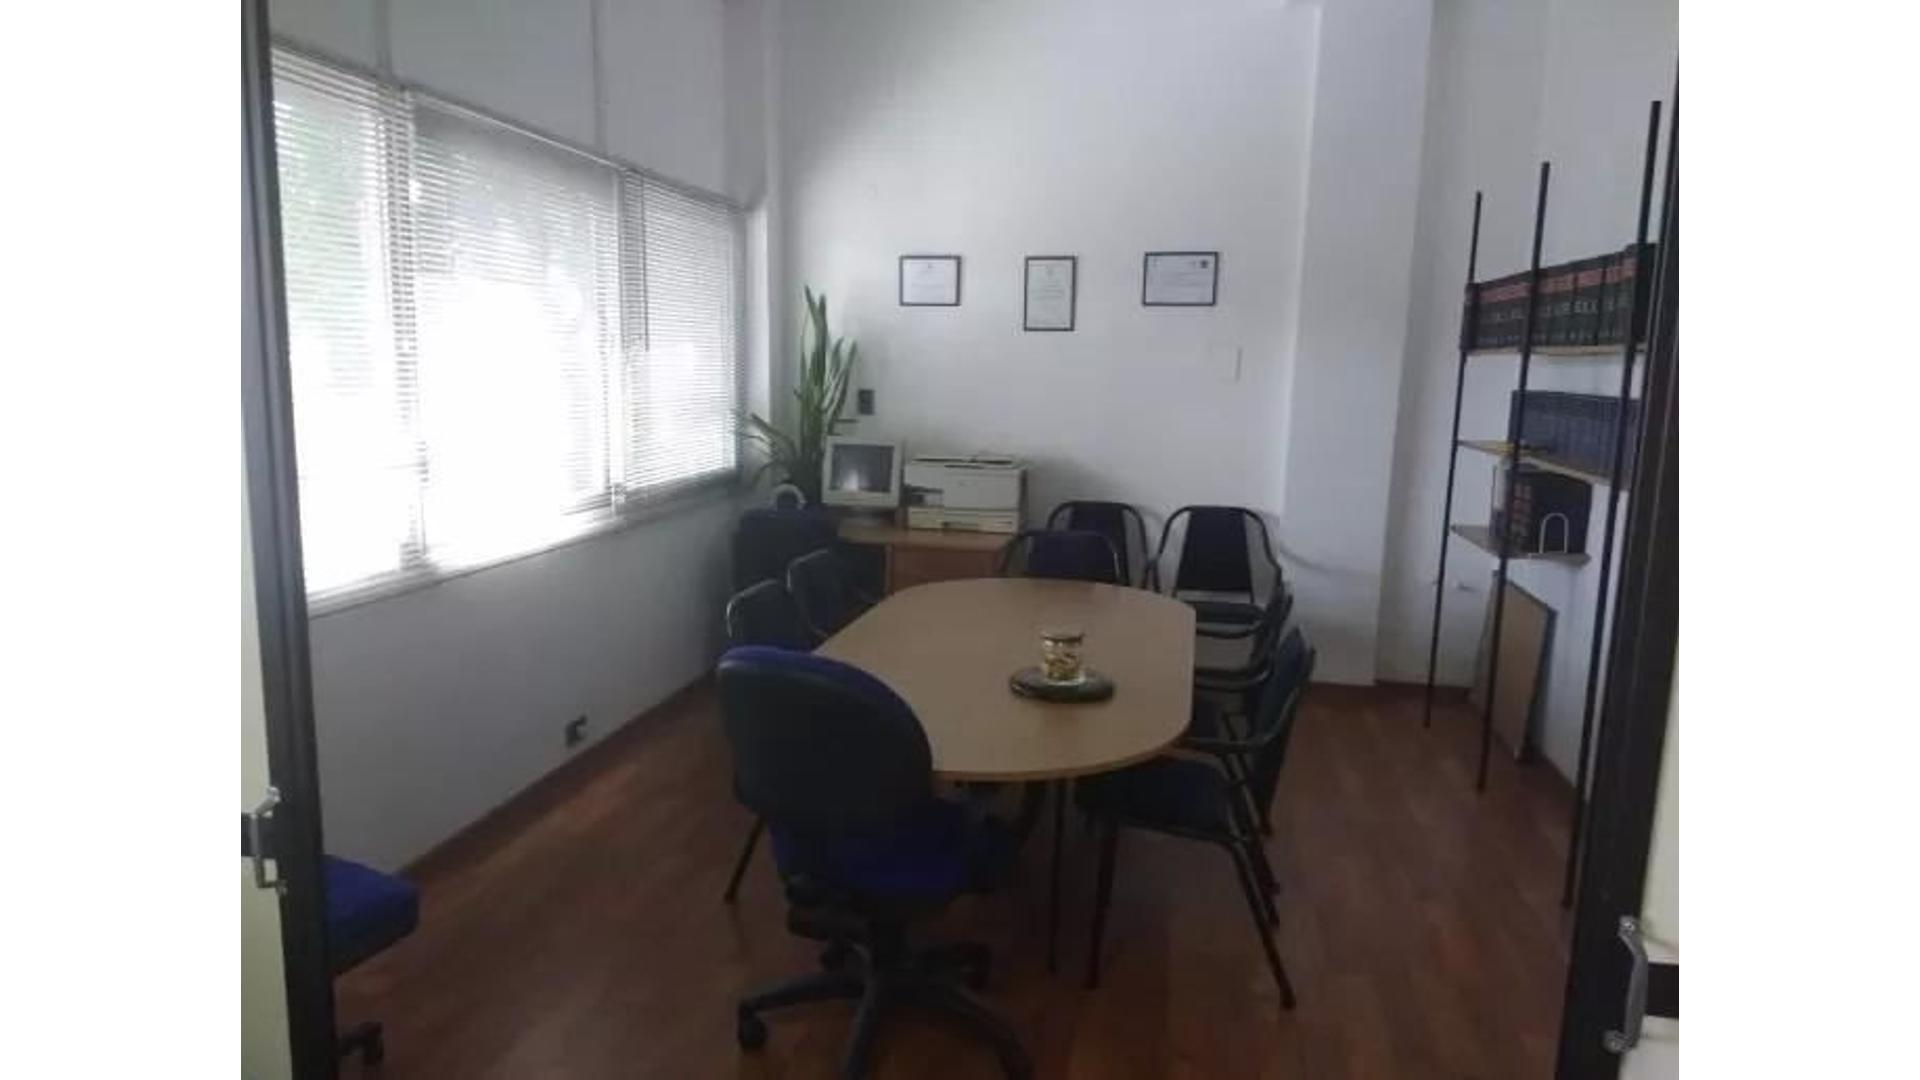 Excelente oficina/local de 85m2 en pleno centro comercial de San Isidro